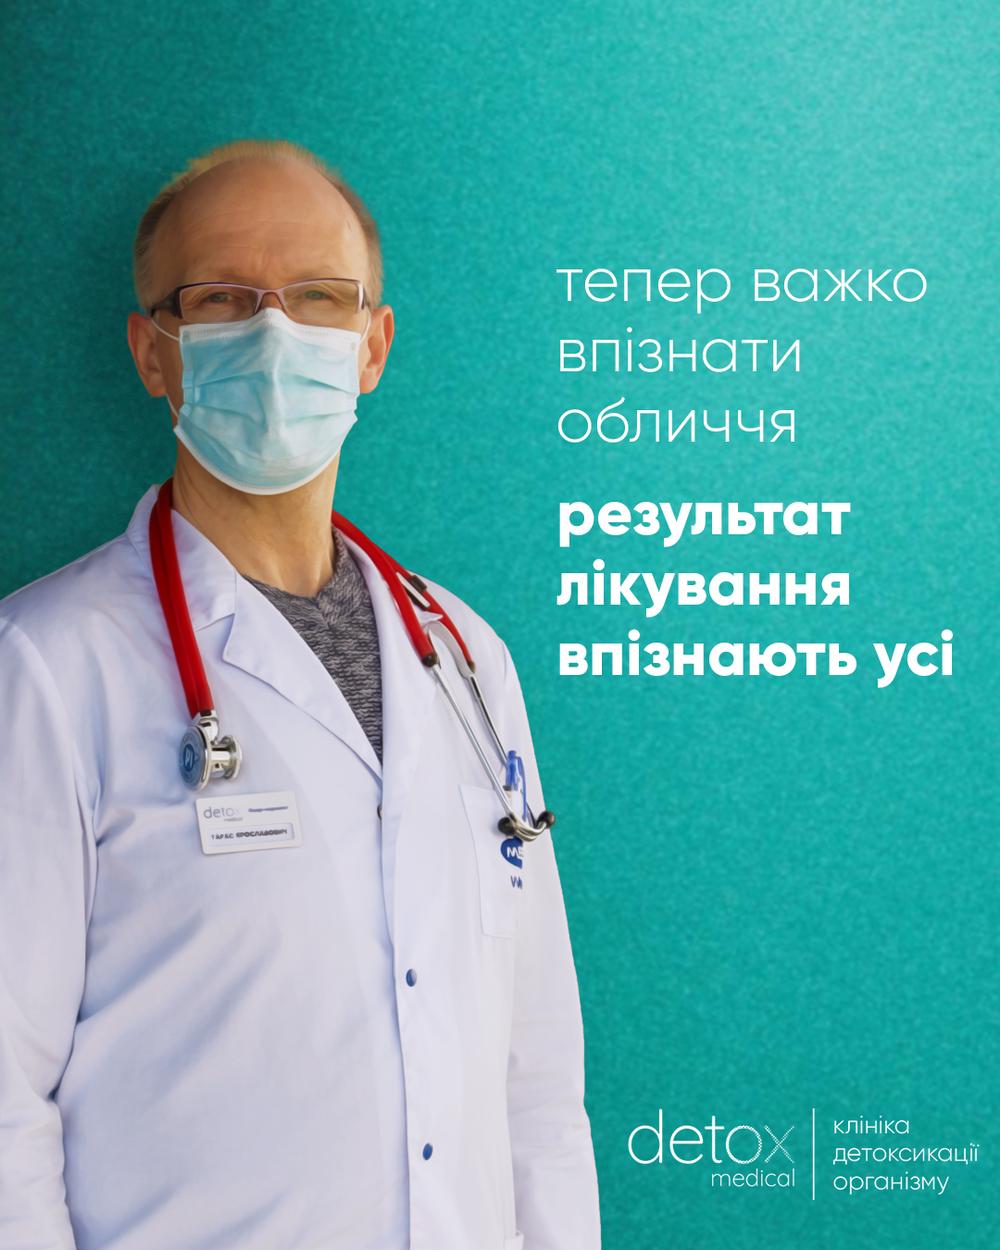 Приватні клініки та медичні центри Львова, фото-145